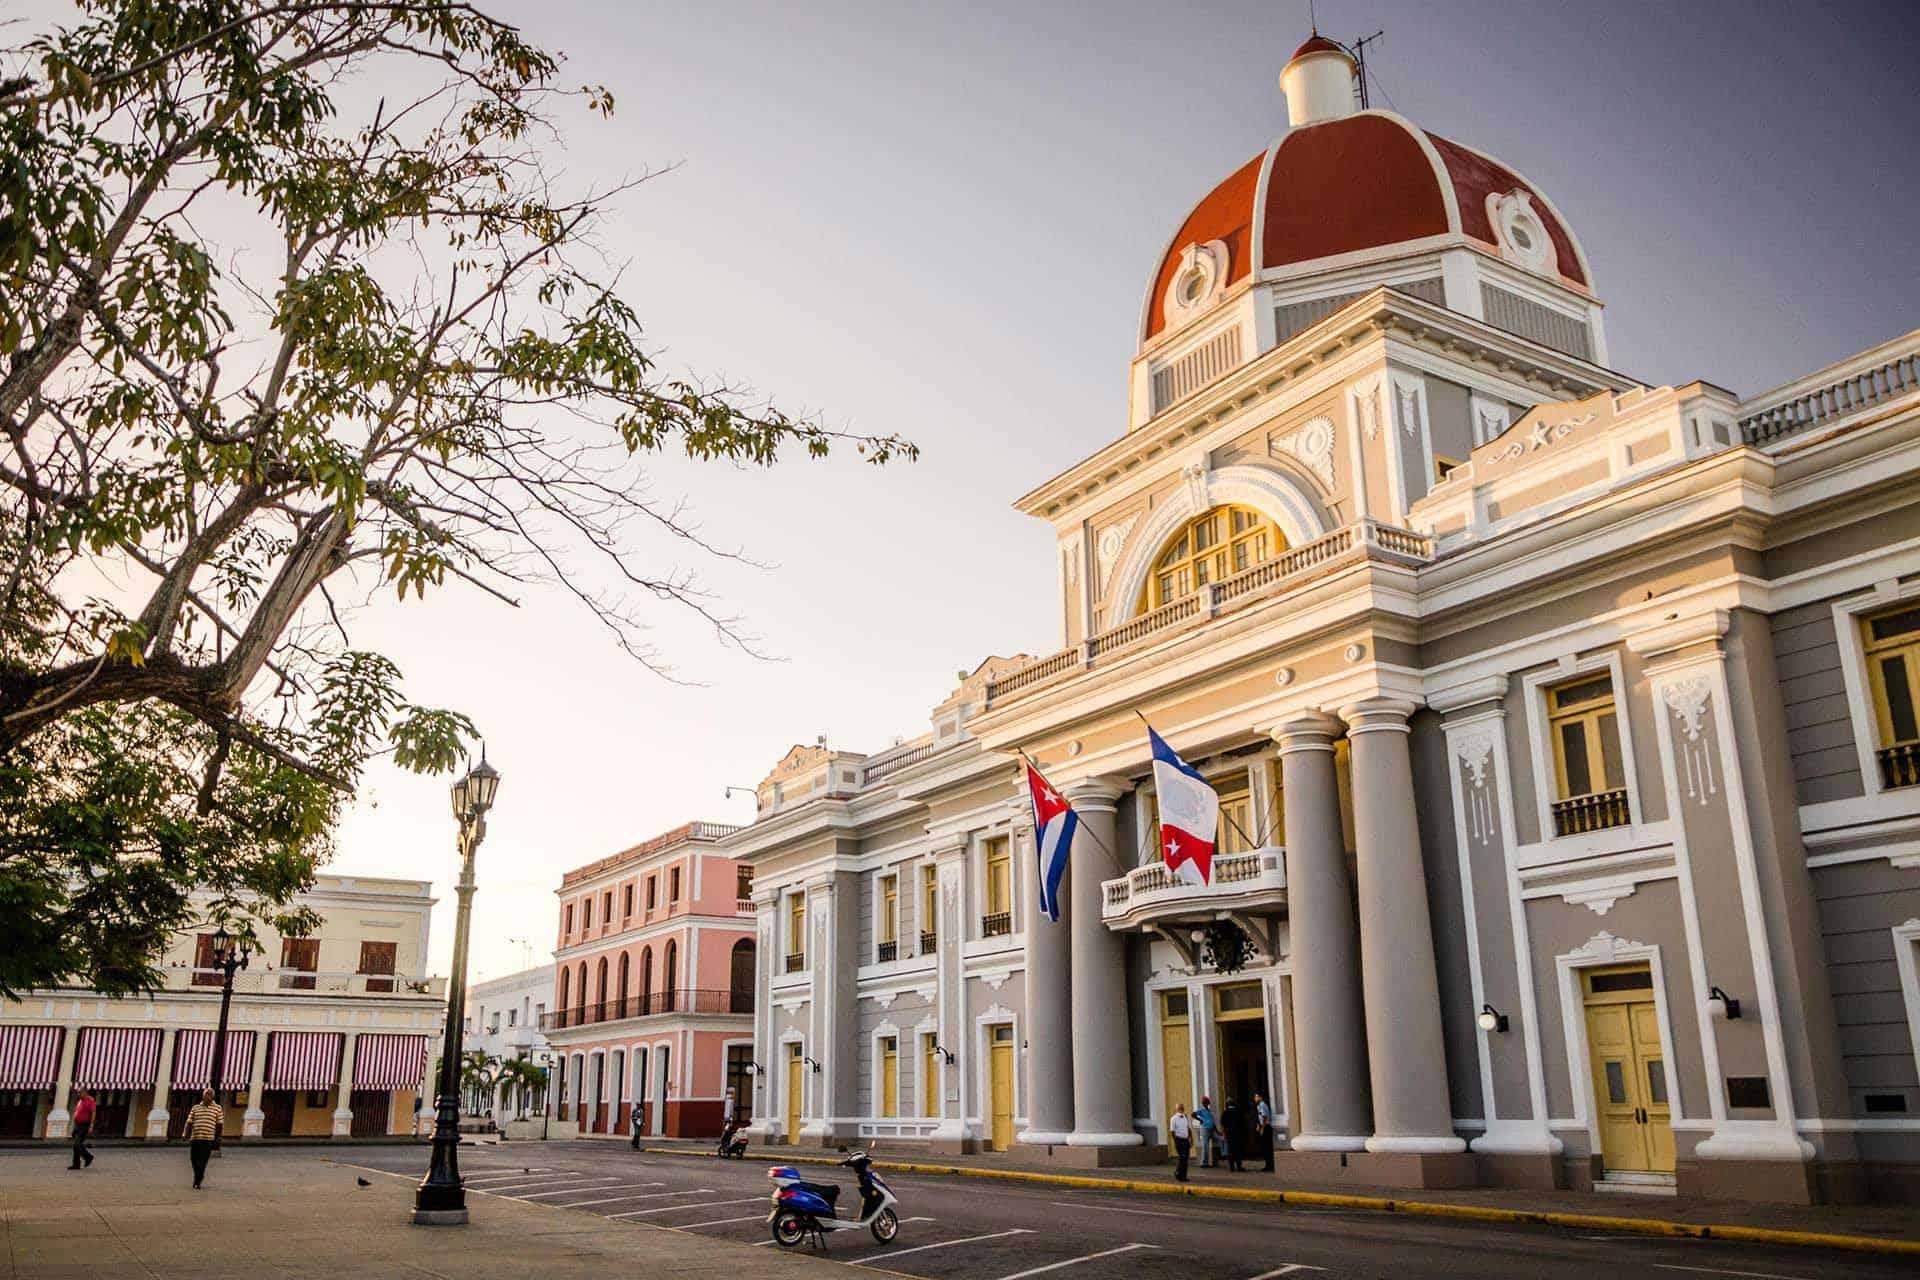 cienfuegos palace du gouvernement cuba autrement 1